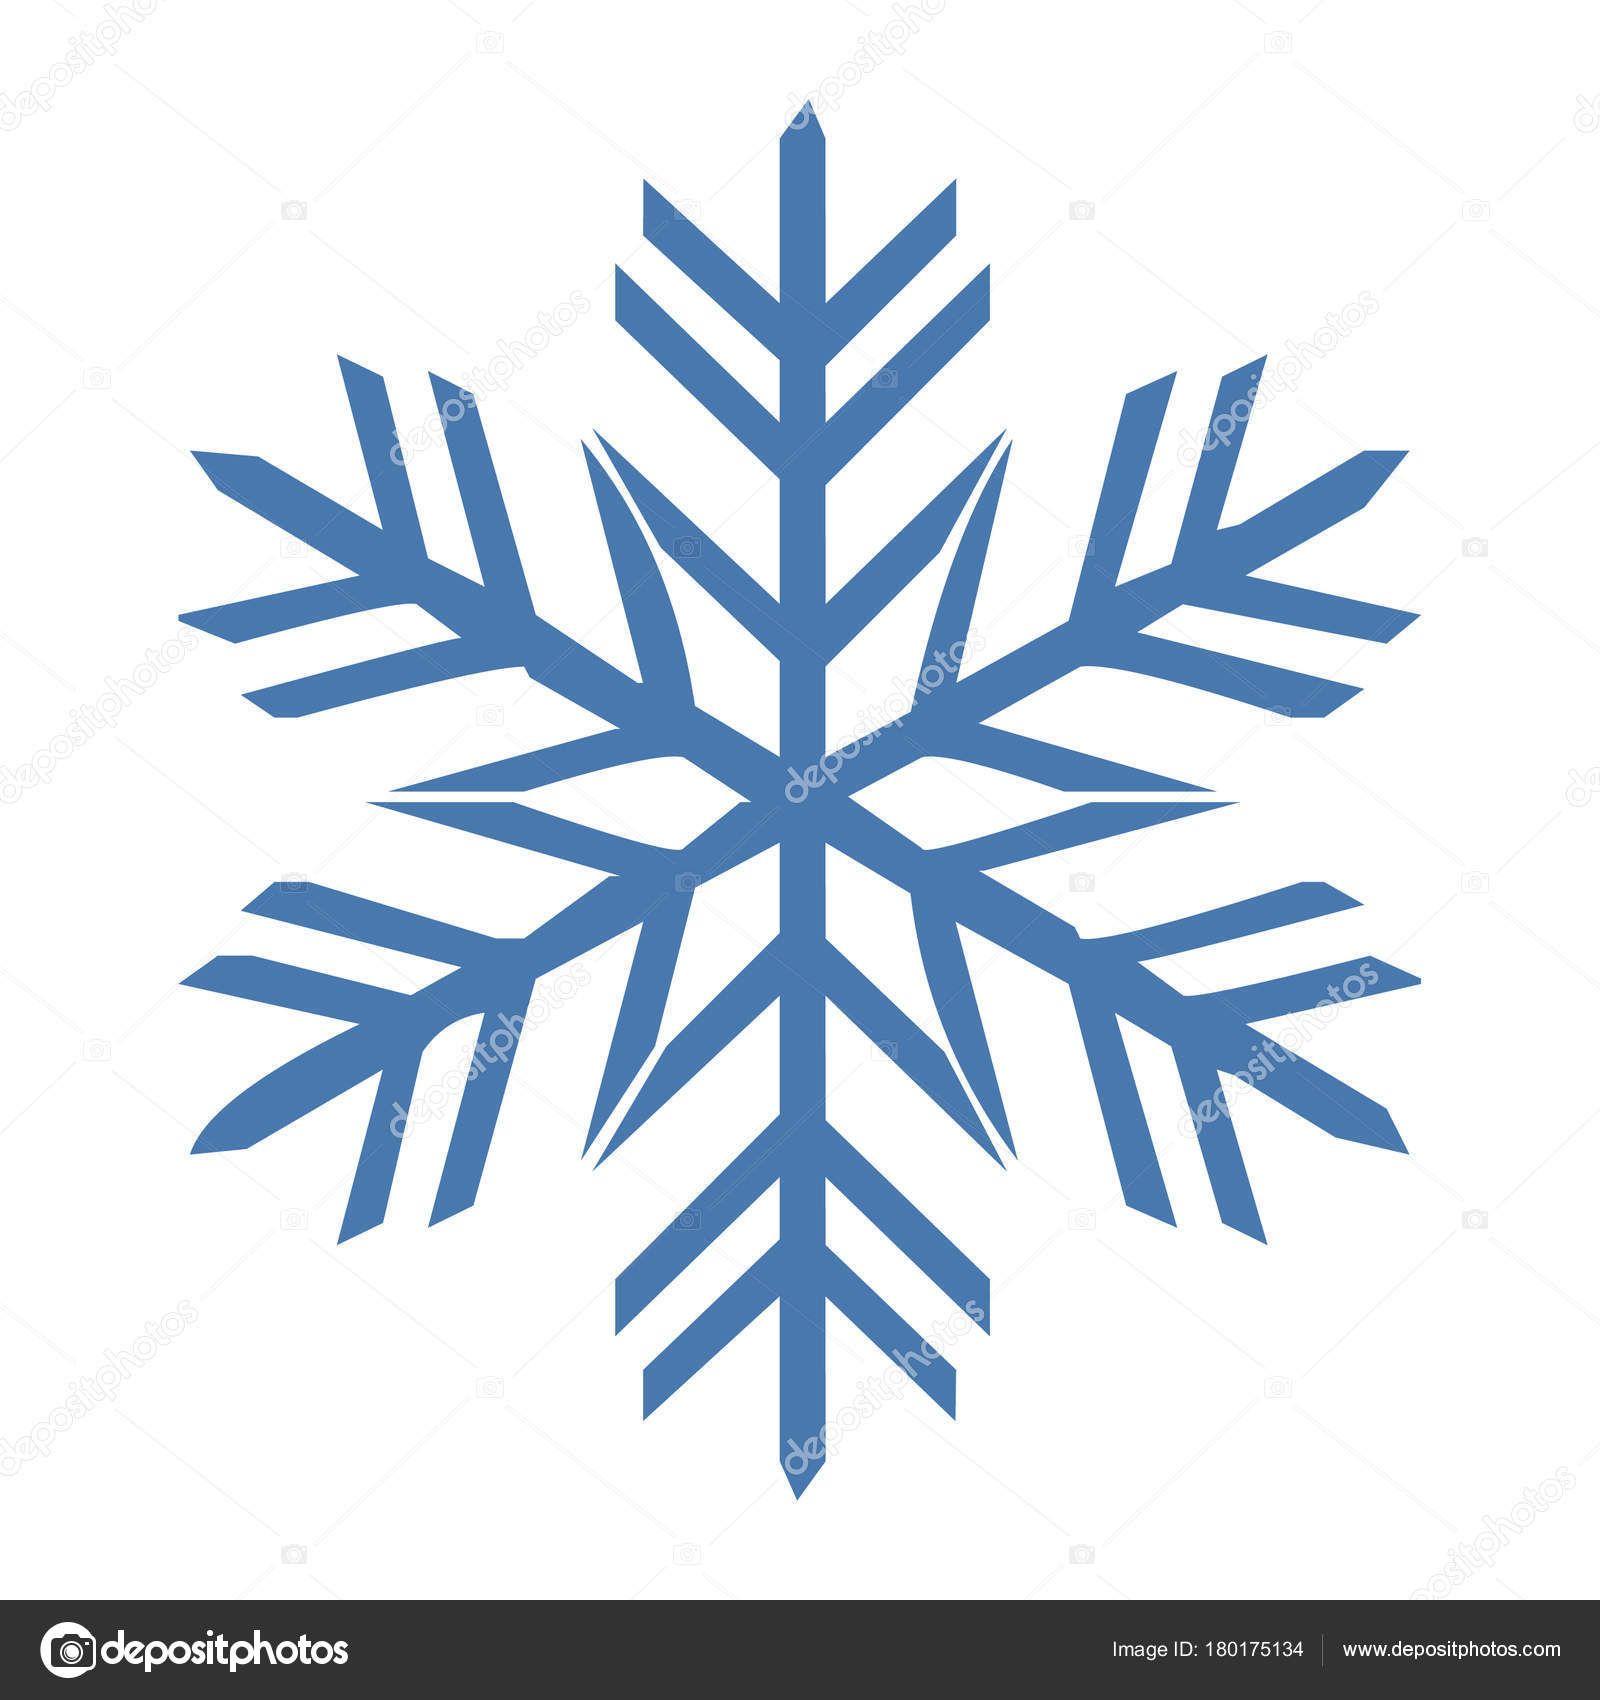 Couleur Flocon Neige Vector Icone Bleu Hiver Blanc Noel Flocon De Neige Illustration Illustrations Vectorielles